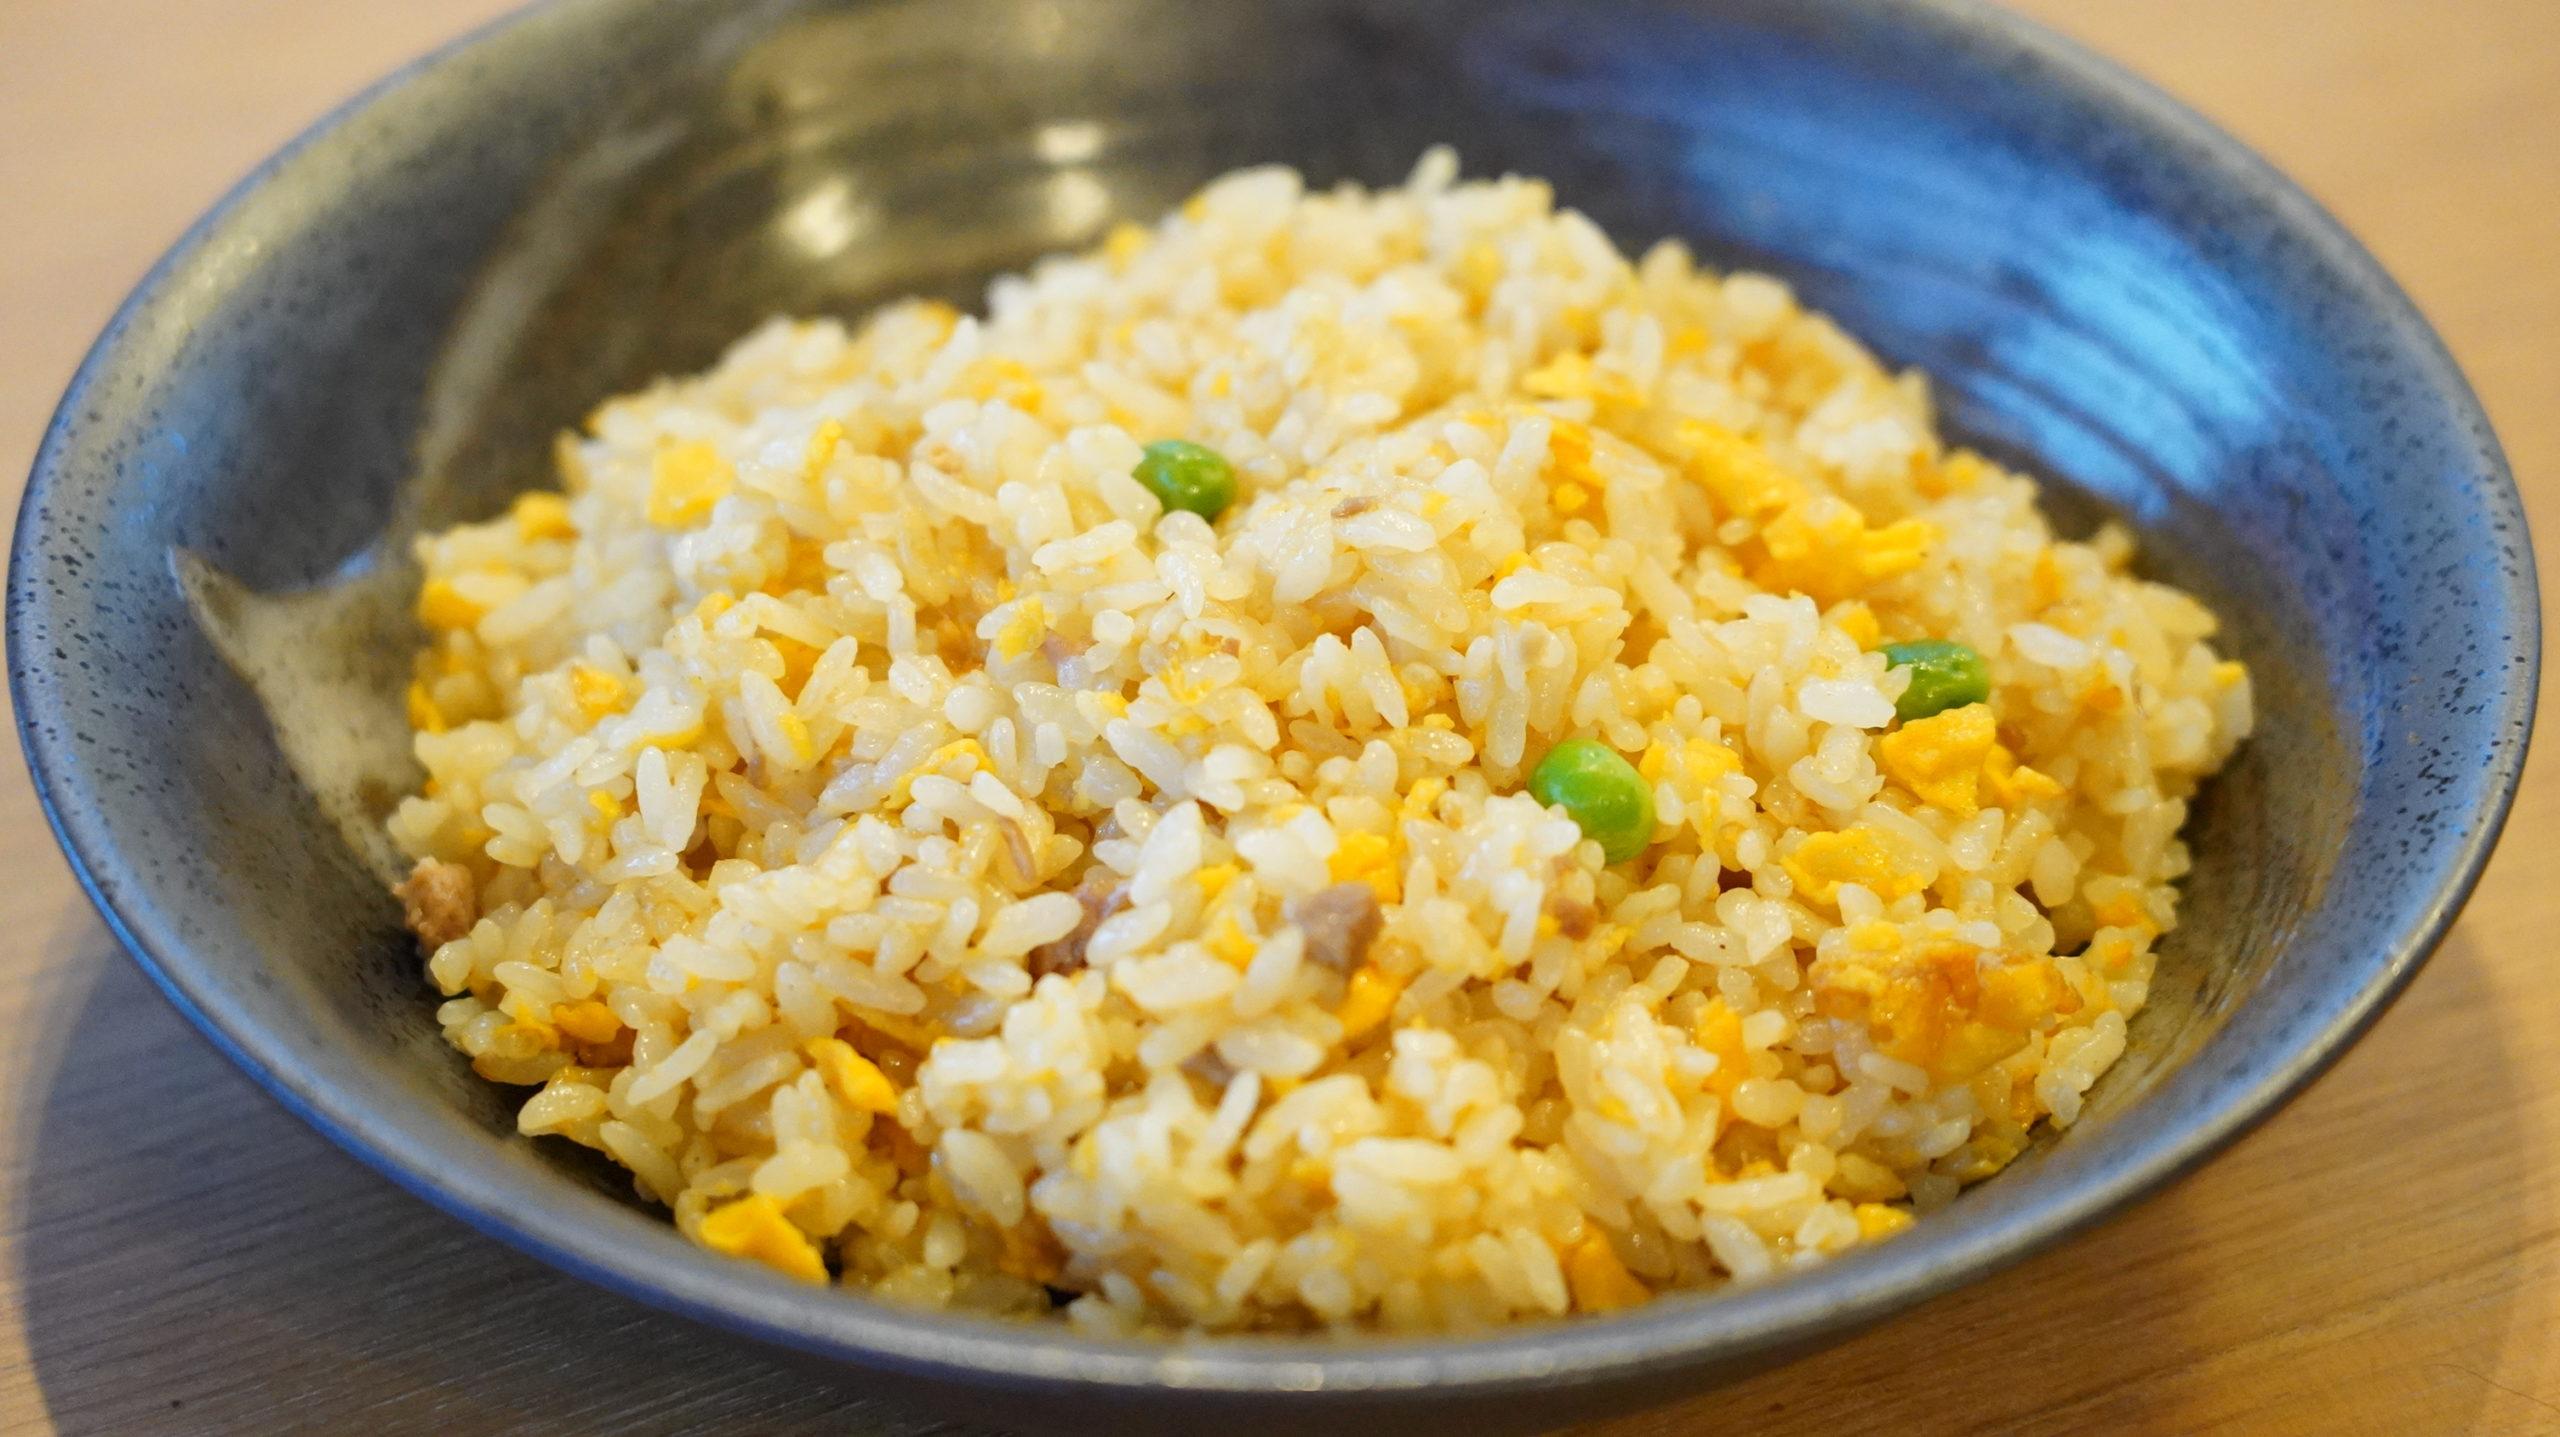 セブンイレブンのおすすめ冷凍食品「すみれチャーハン」を皿に盛り付けた写真